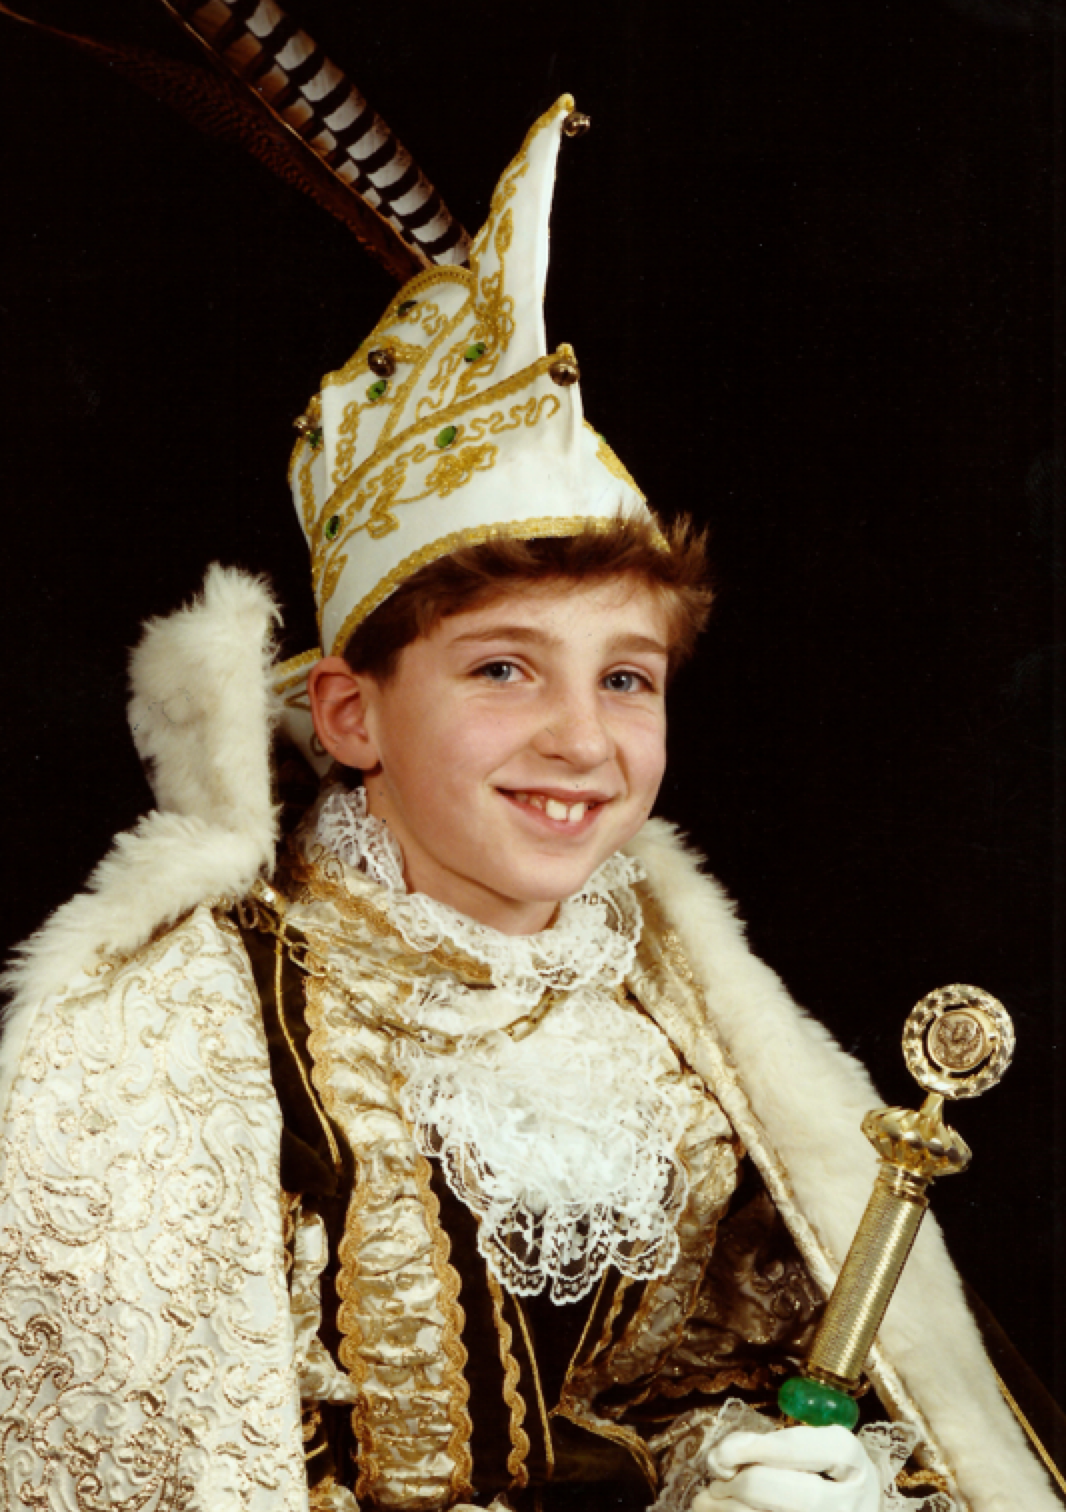 11. Mitchel I Quadvlieg seizoen 1992